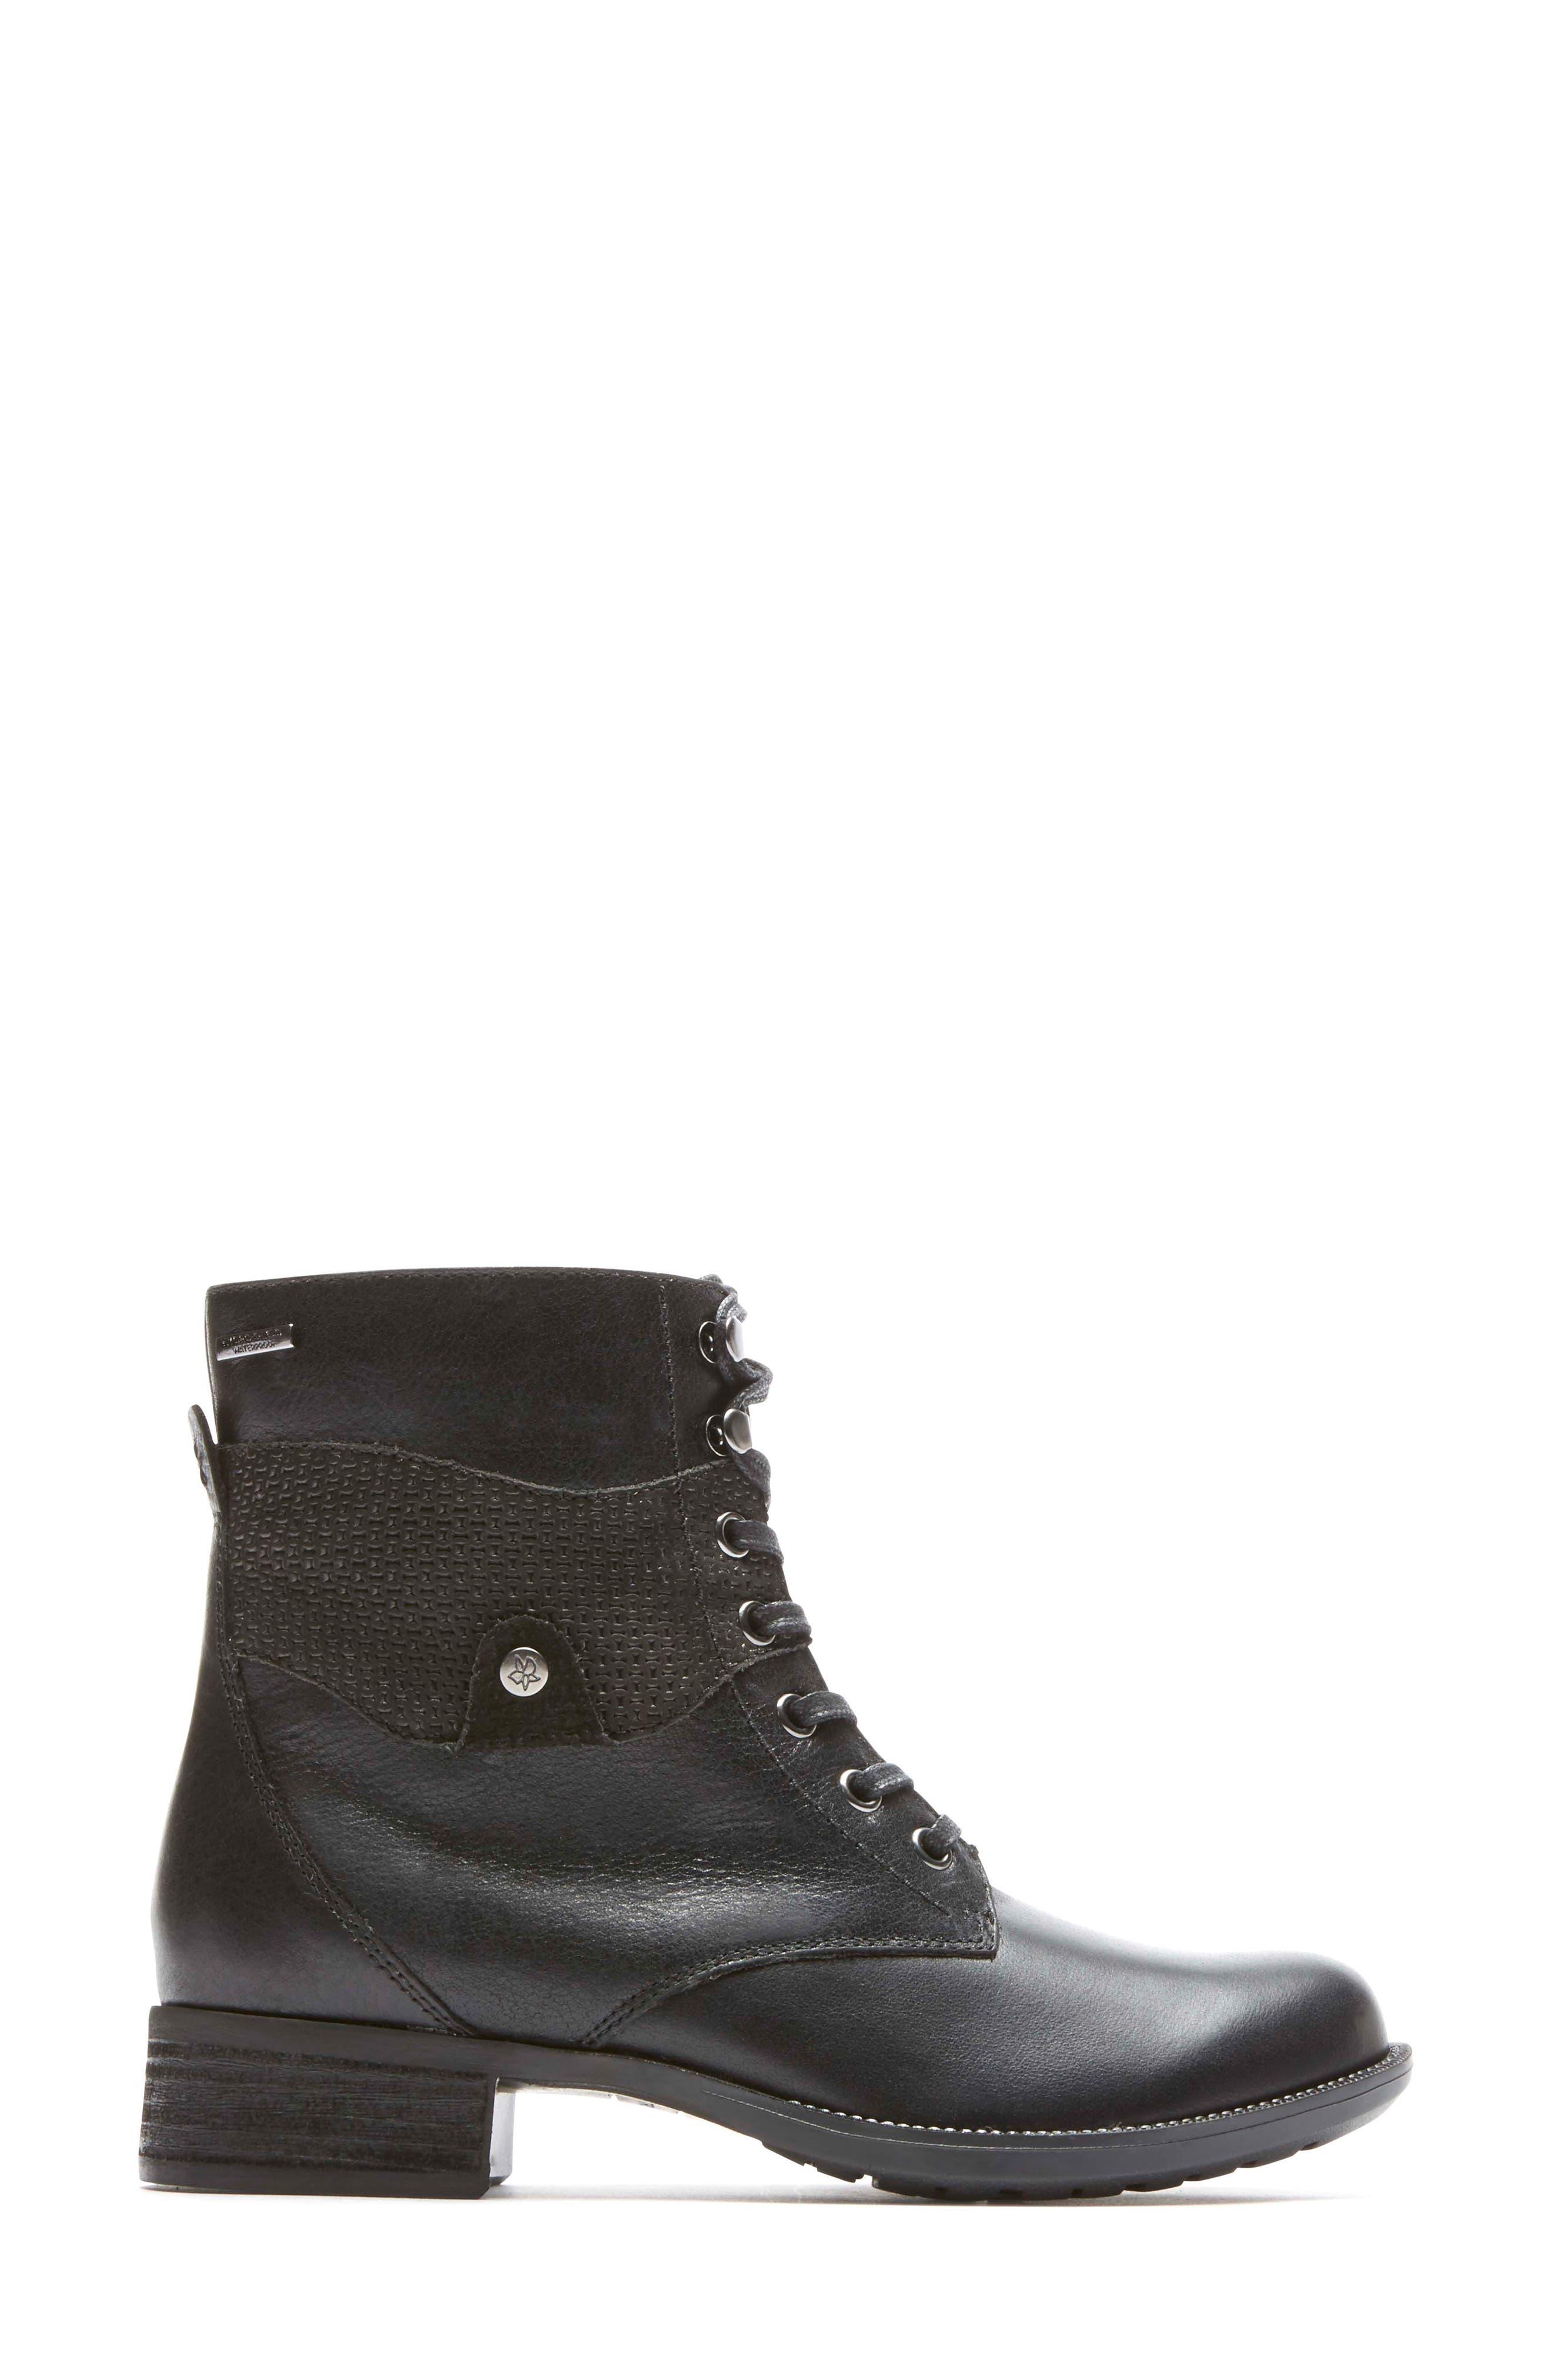 Alternate Image 3  - Rockport Copley Waterproof Combat Boot (Women)